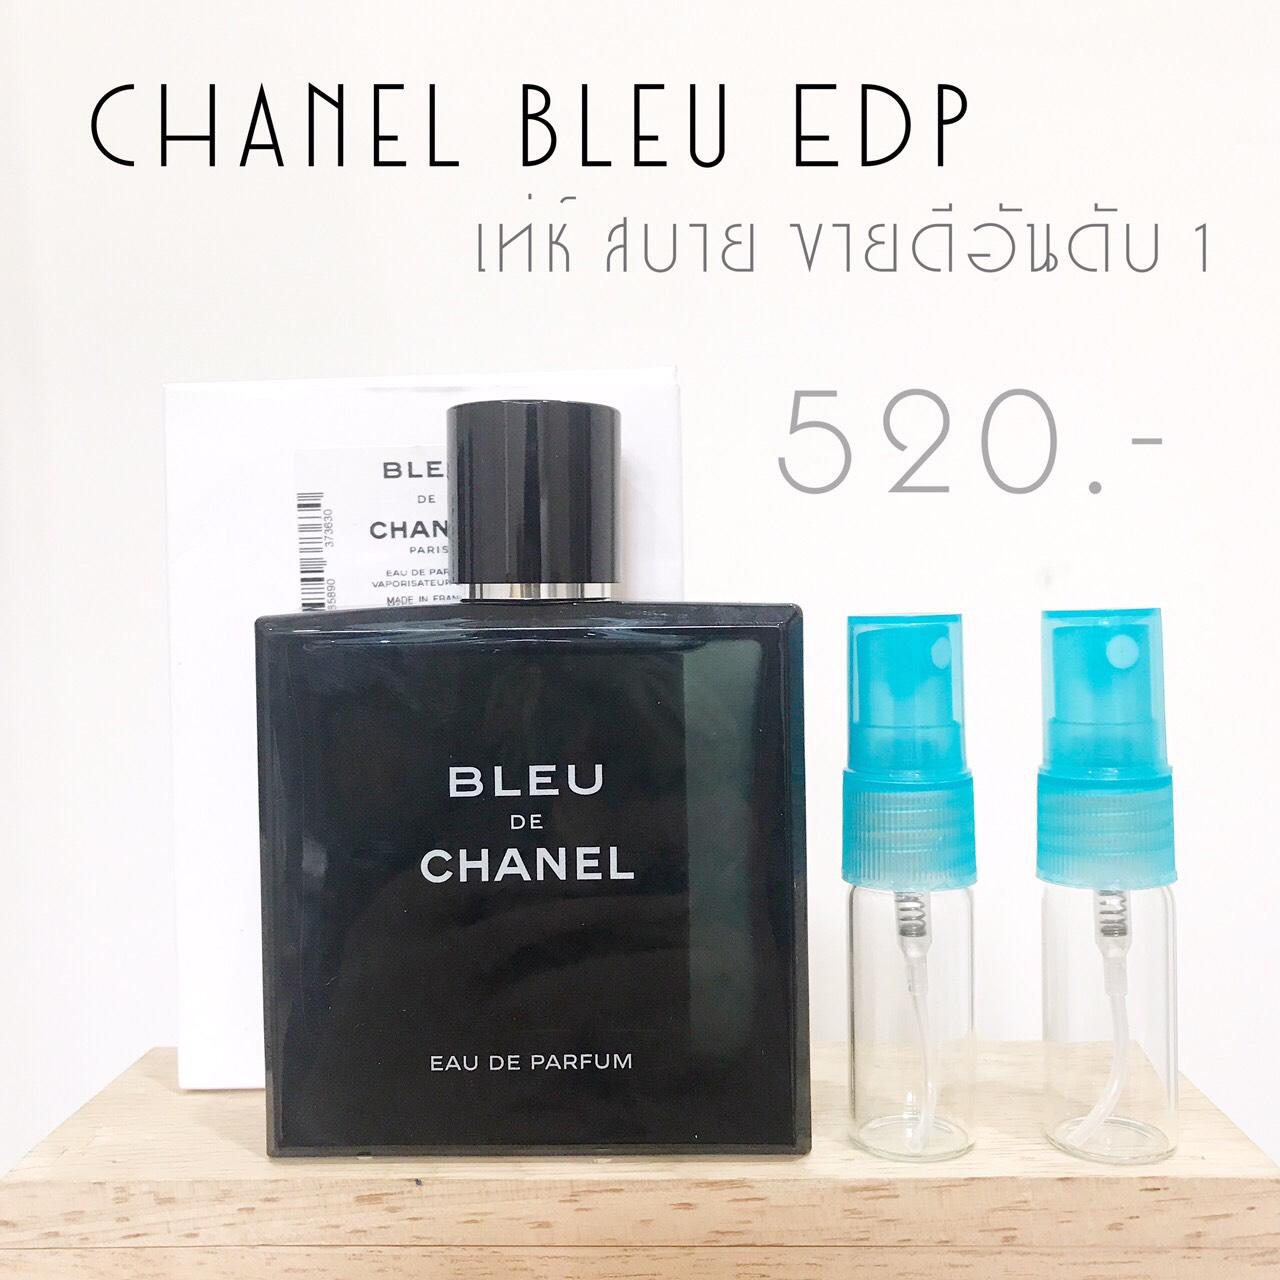 น้ำหอมแบ่งขาย Chanel Bleu EDP ขนาด 10ml.